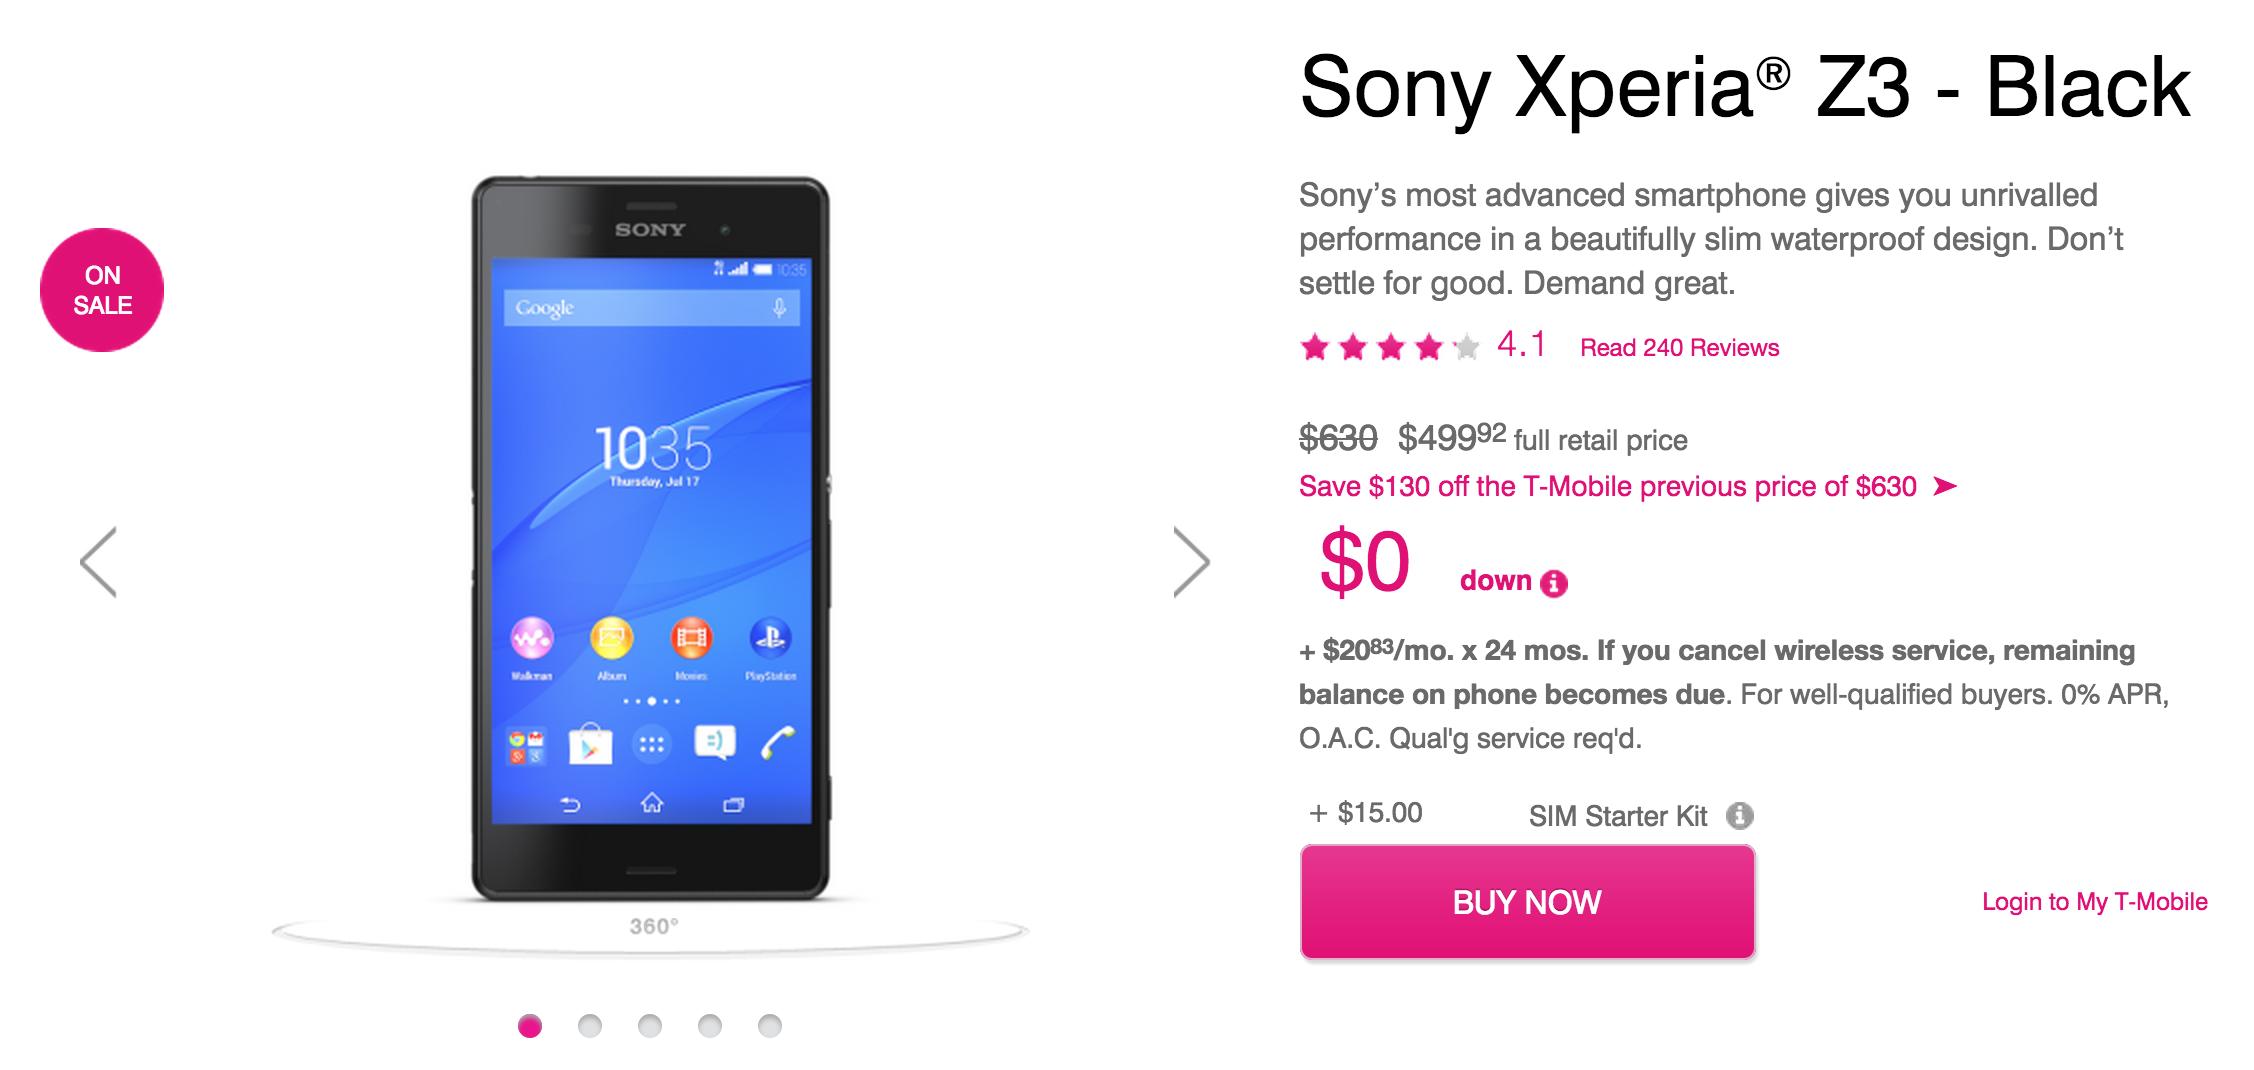 Xperia Z3 T Mobile Sony Xperia Z3 r...